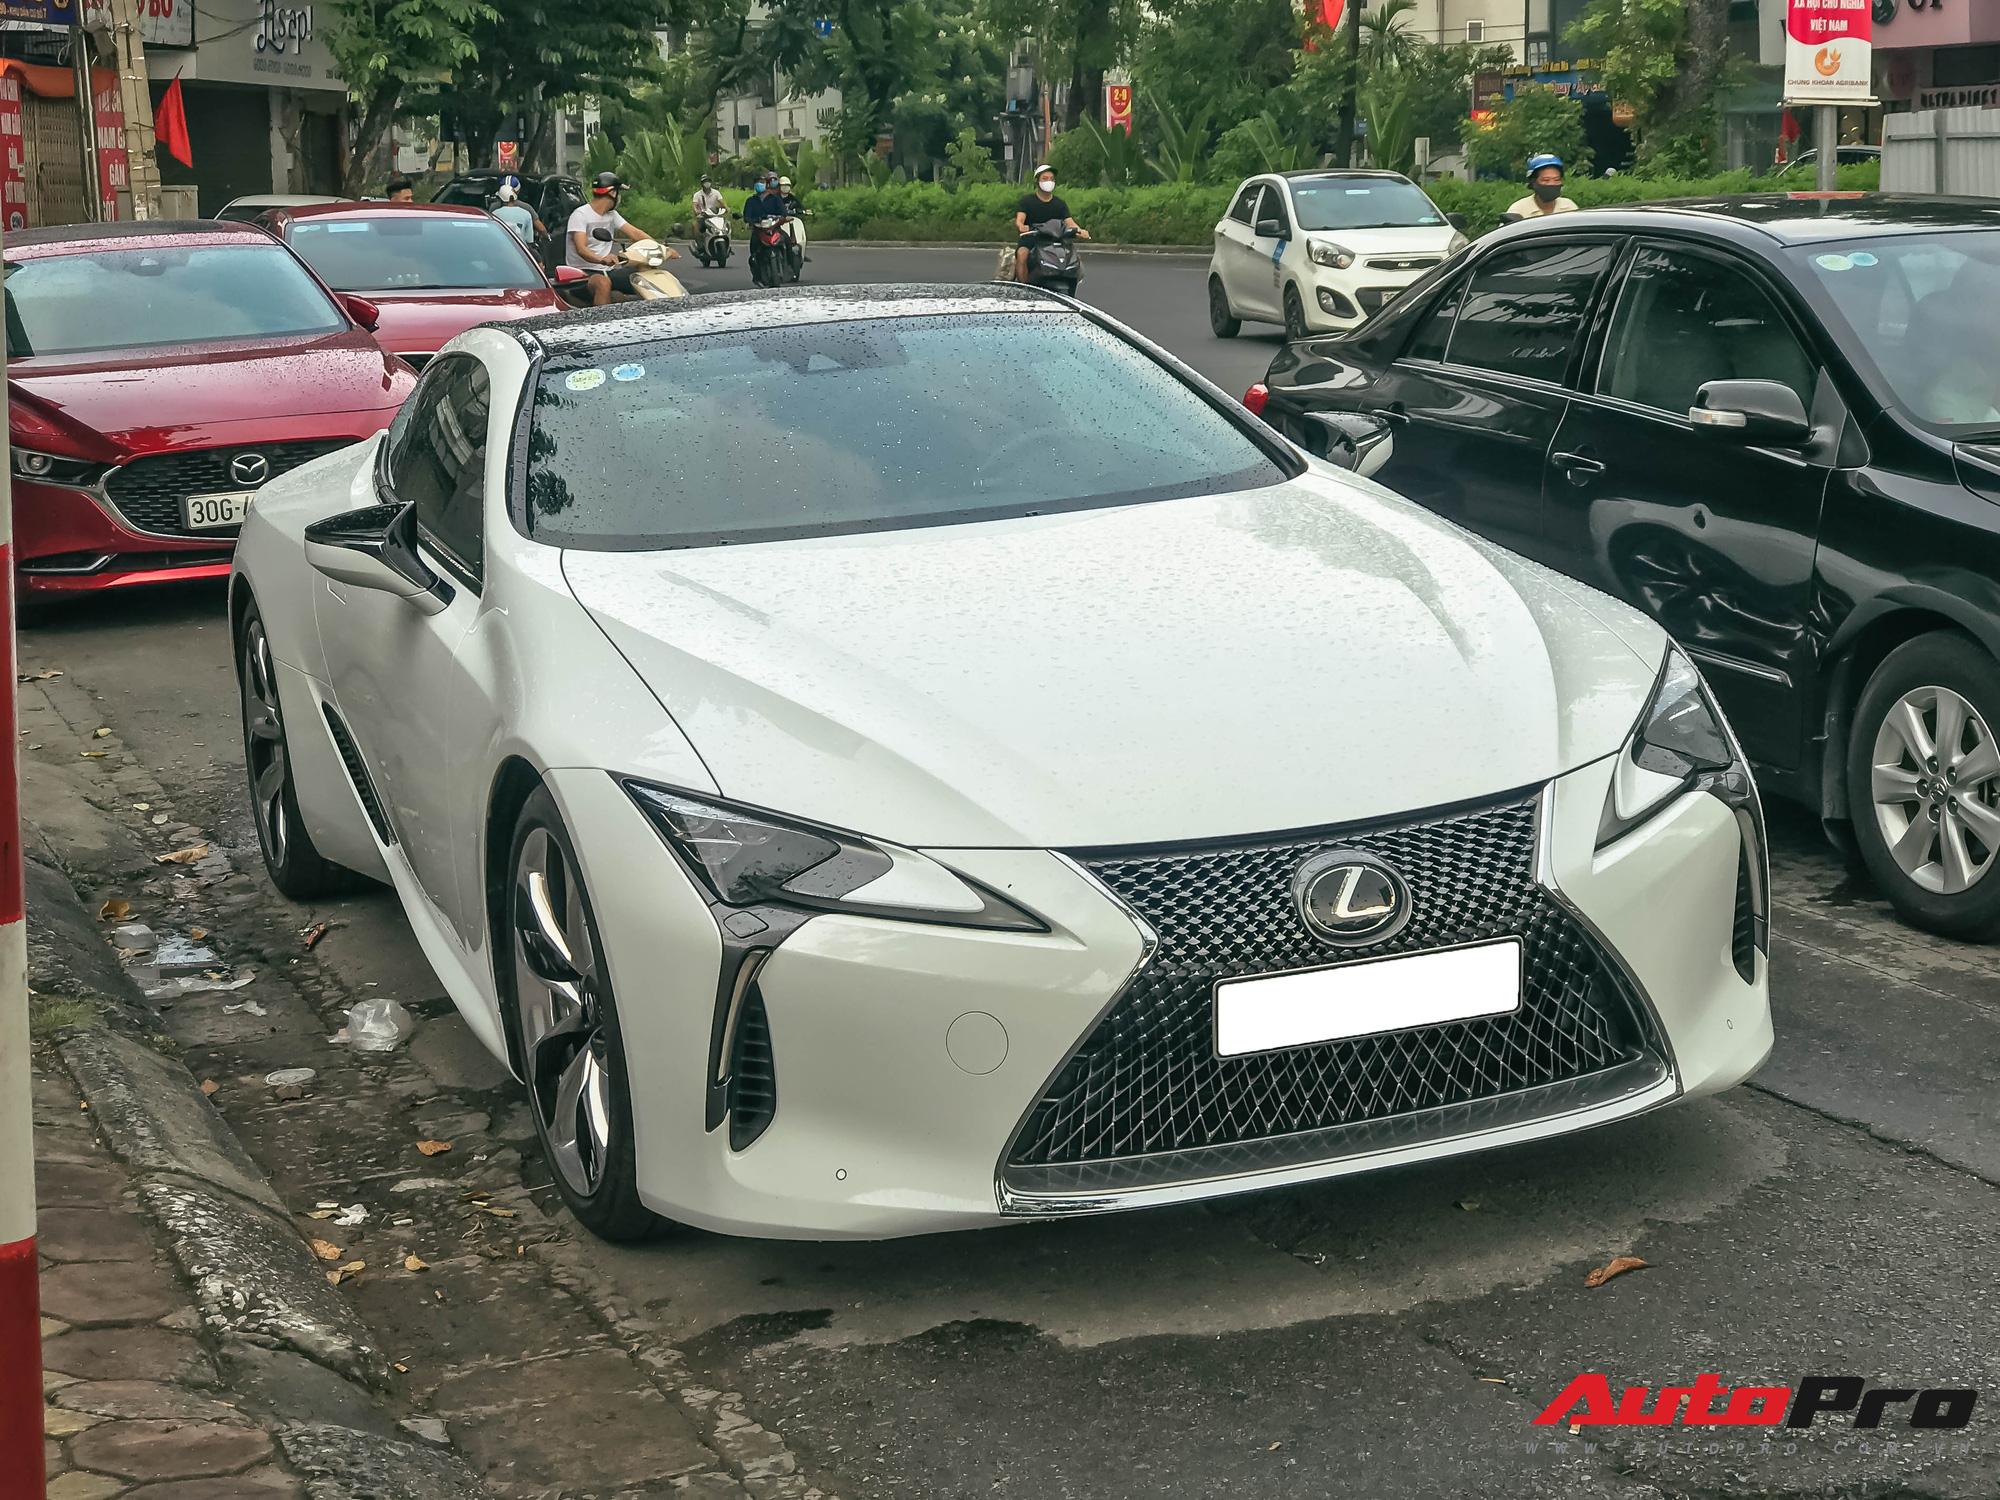 Chiếc Lexus LC500 thứ 3 xuất hiện tại Việt Nam.